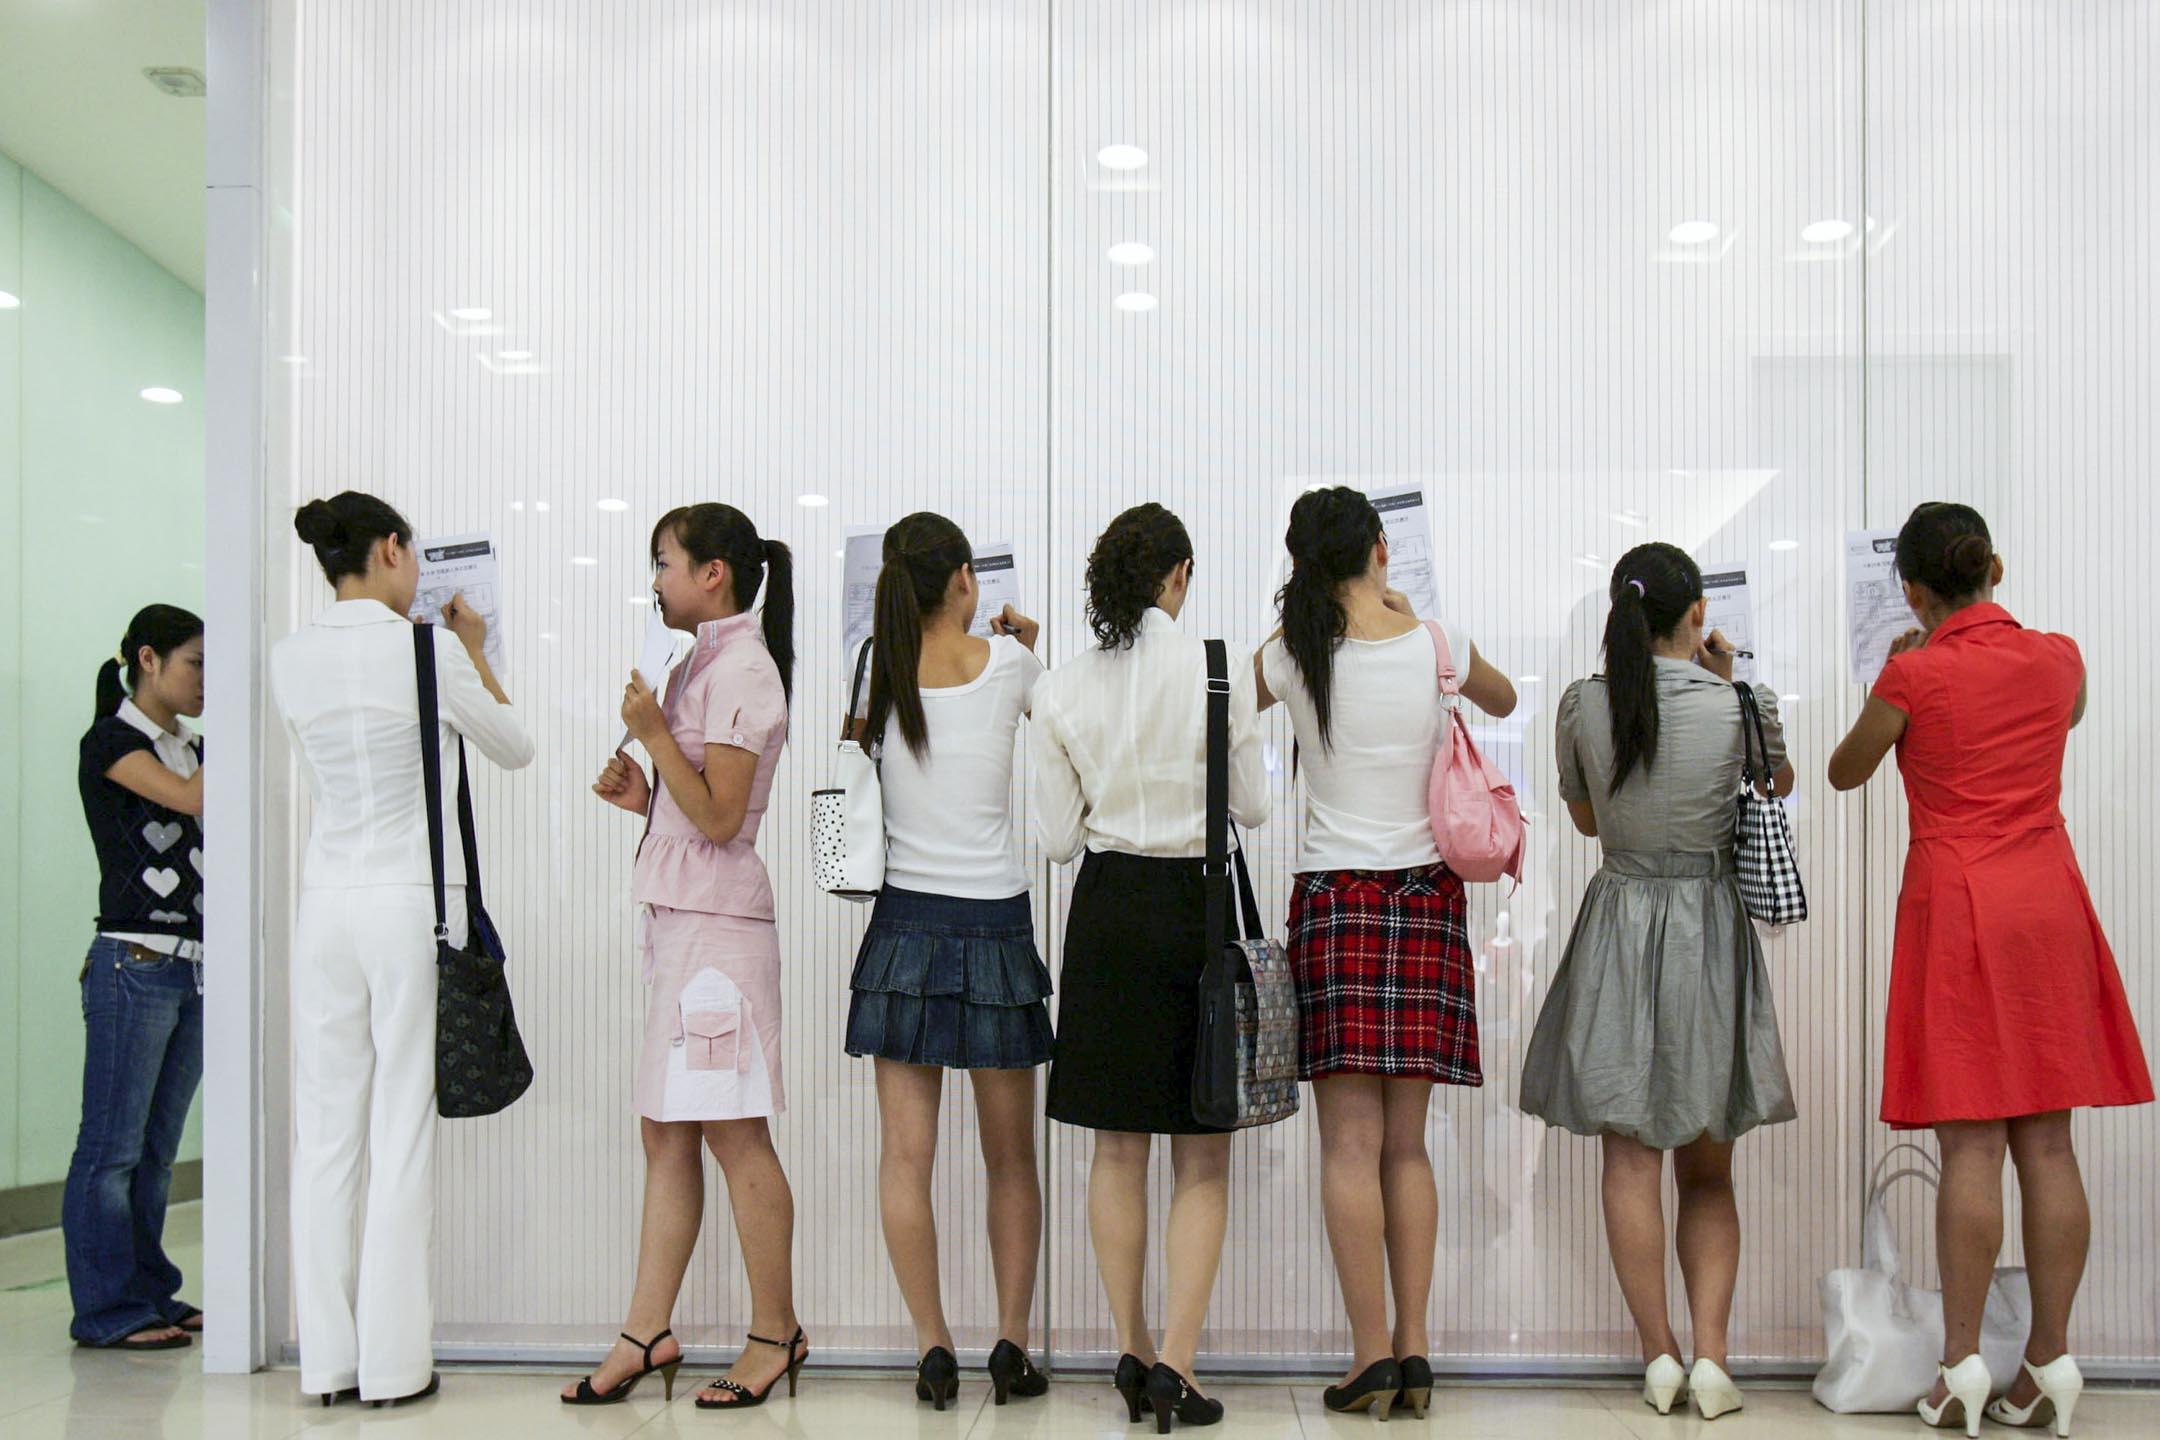 在中國大陸的職場環境裏,對女性的歧視一直是個半公開的「慣例」。其中企業拒絕招聘女性的理由,就是擔心她們會在入職後生孩子影響工作。 攝: China Photos/Getty Images